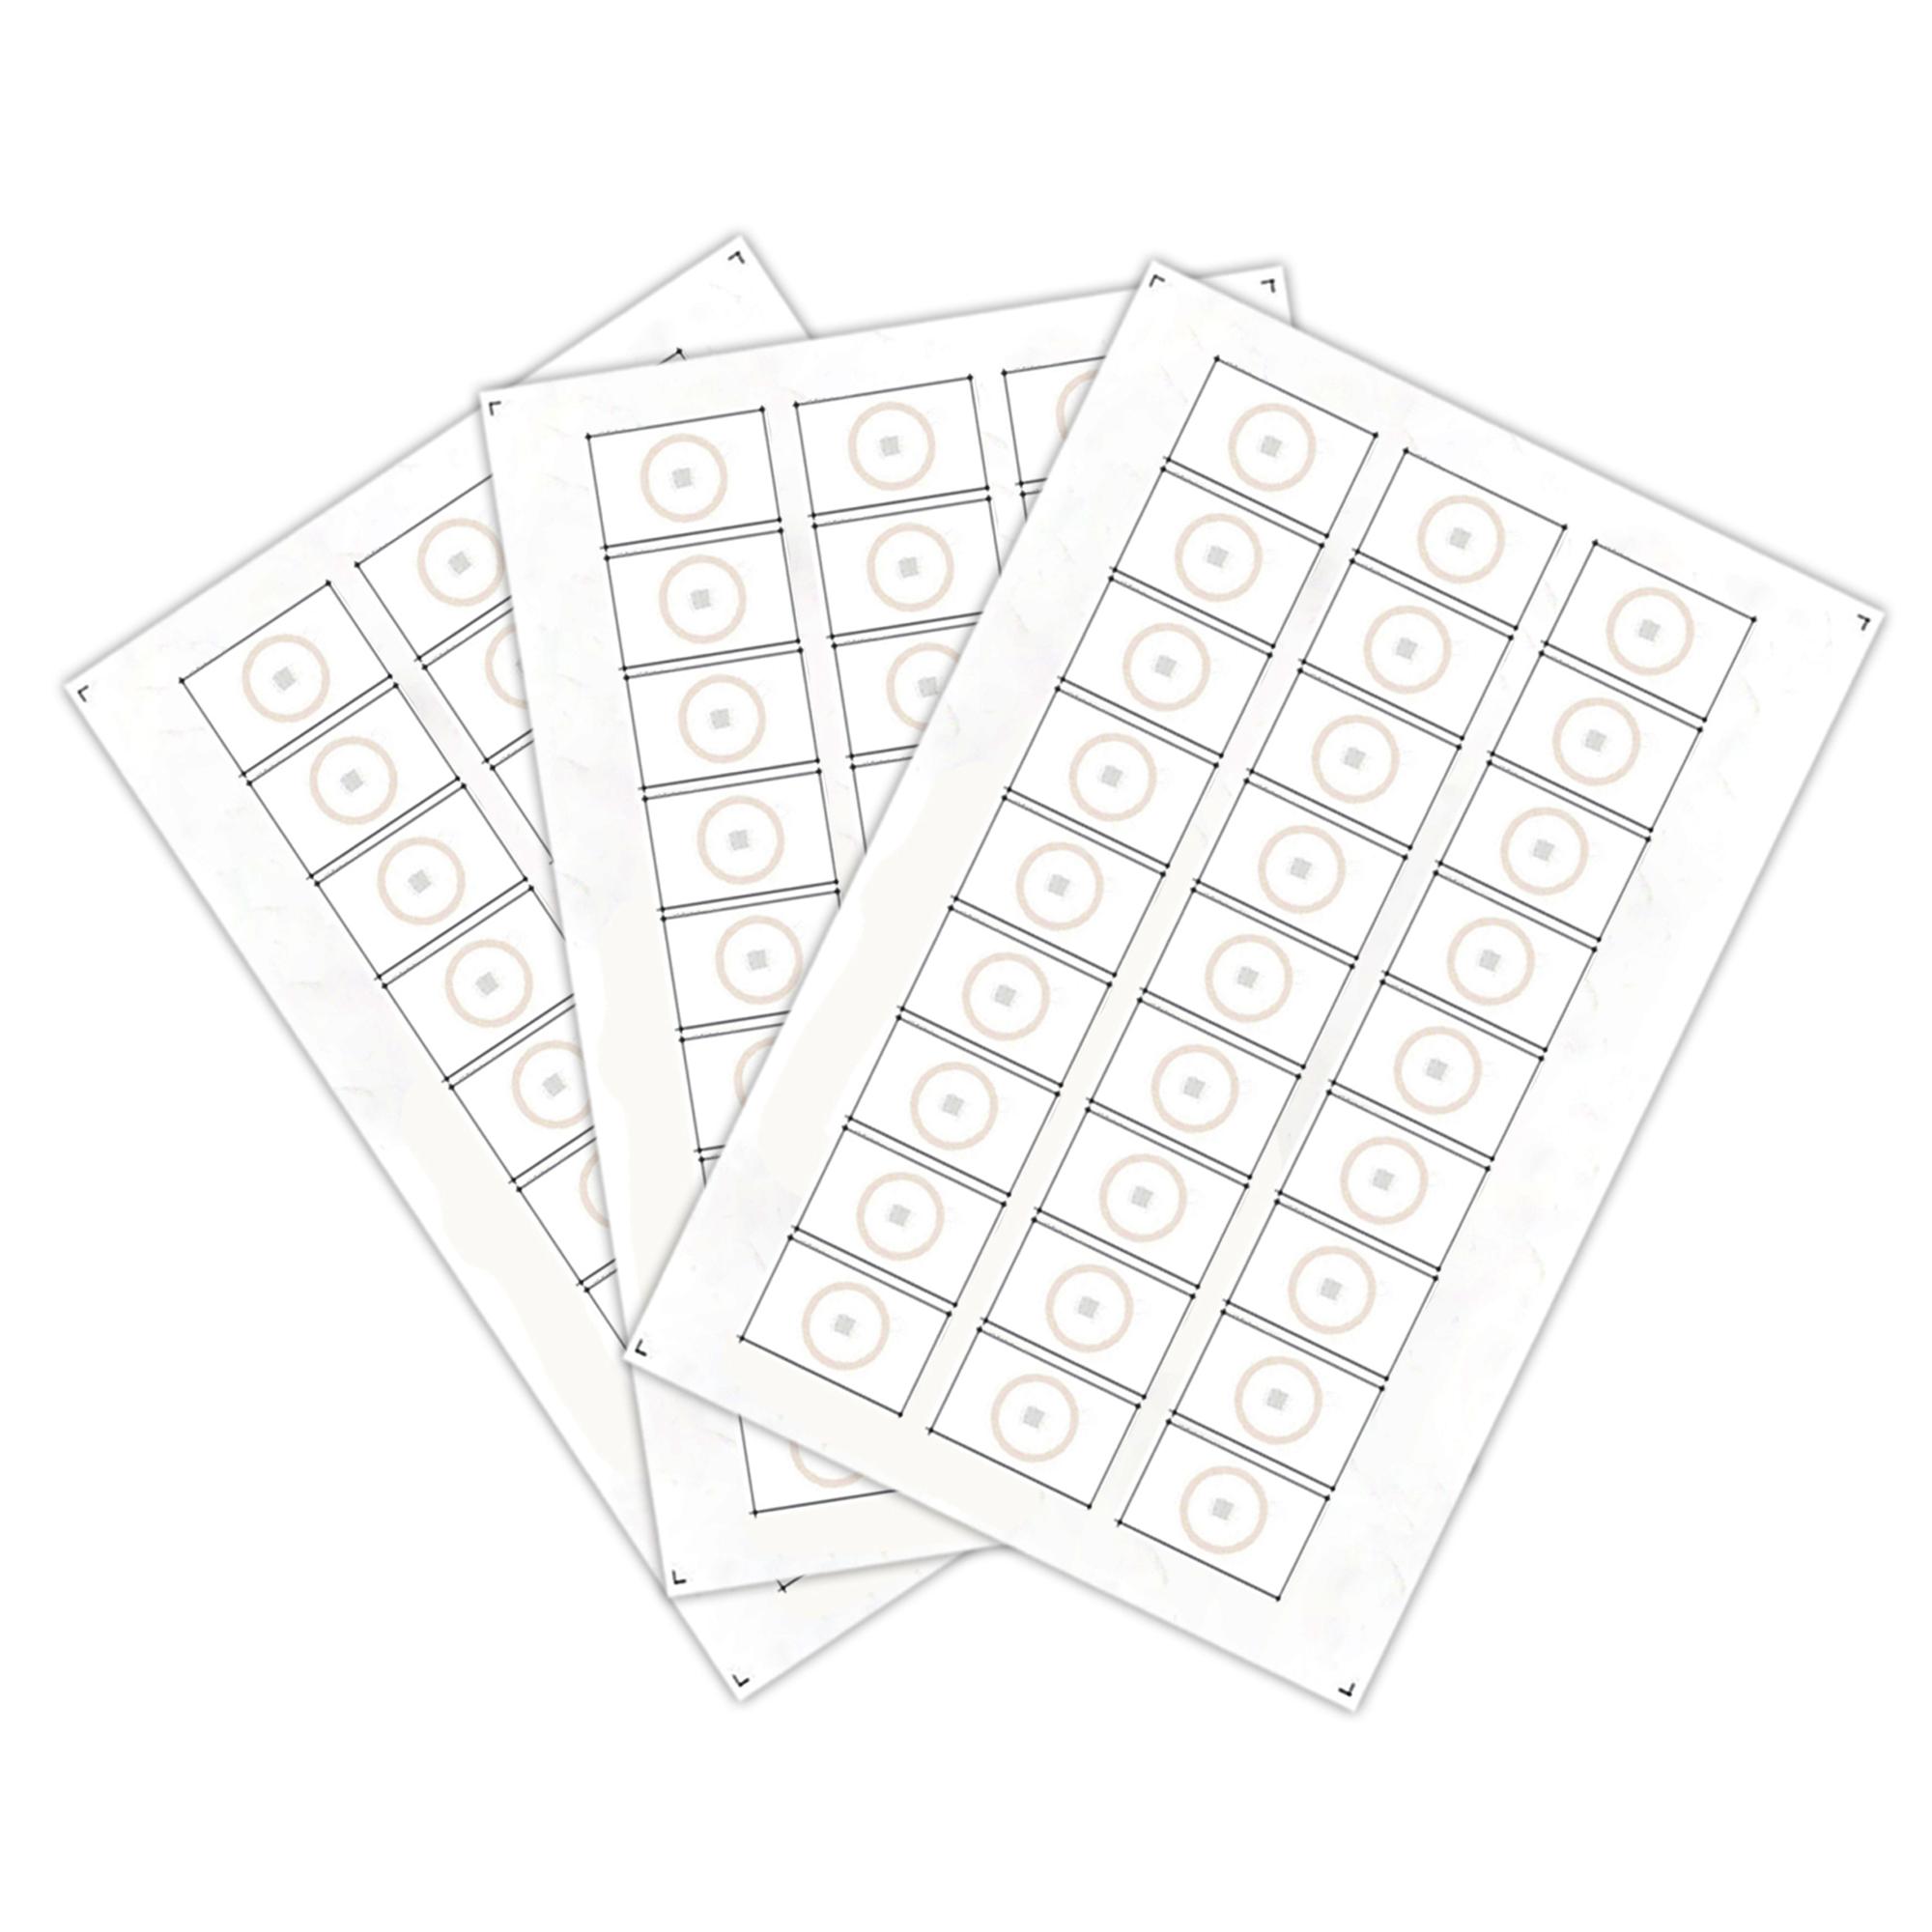 Mifare Ultralight сырье (инлей) для производства бесконтактных пластиковых rfid-брелоков с чипом EV1 (24 чипов на листе формата A4)